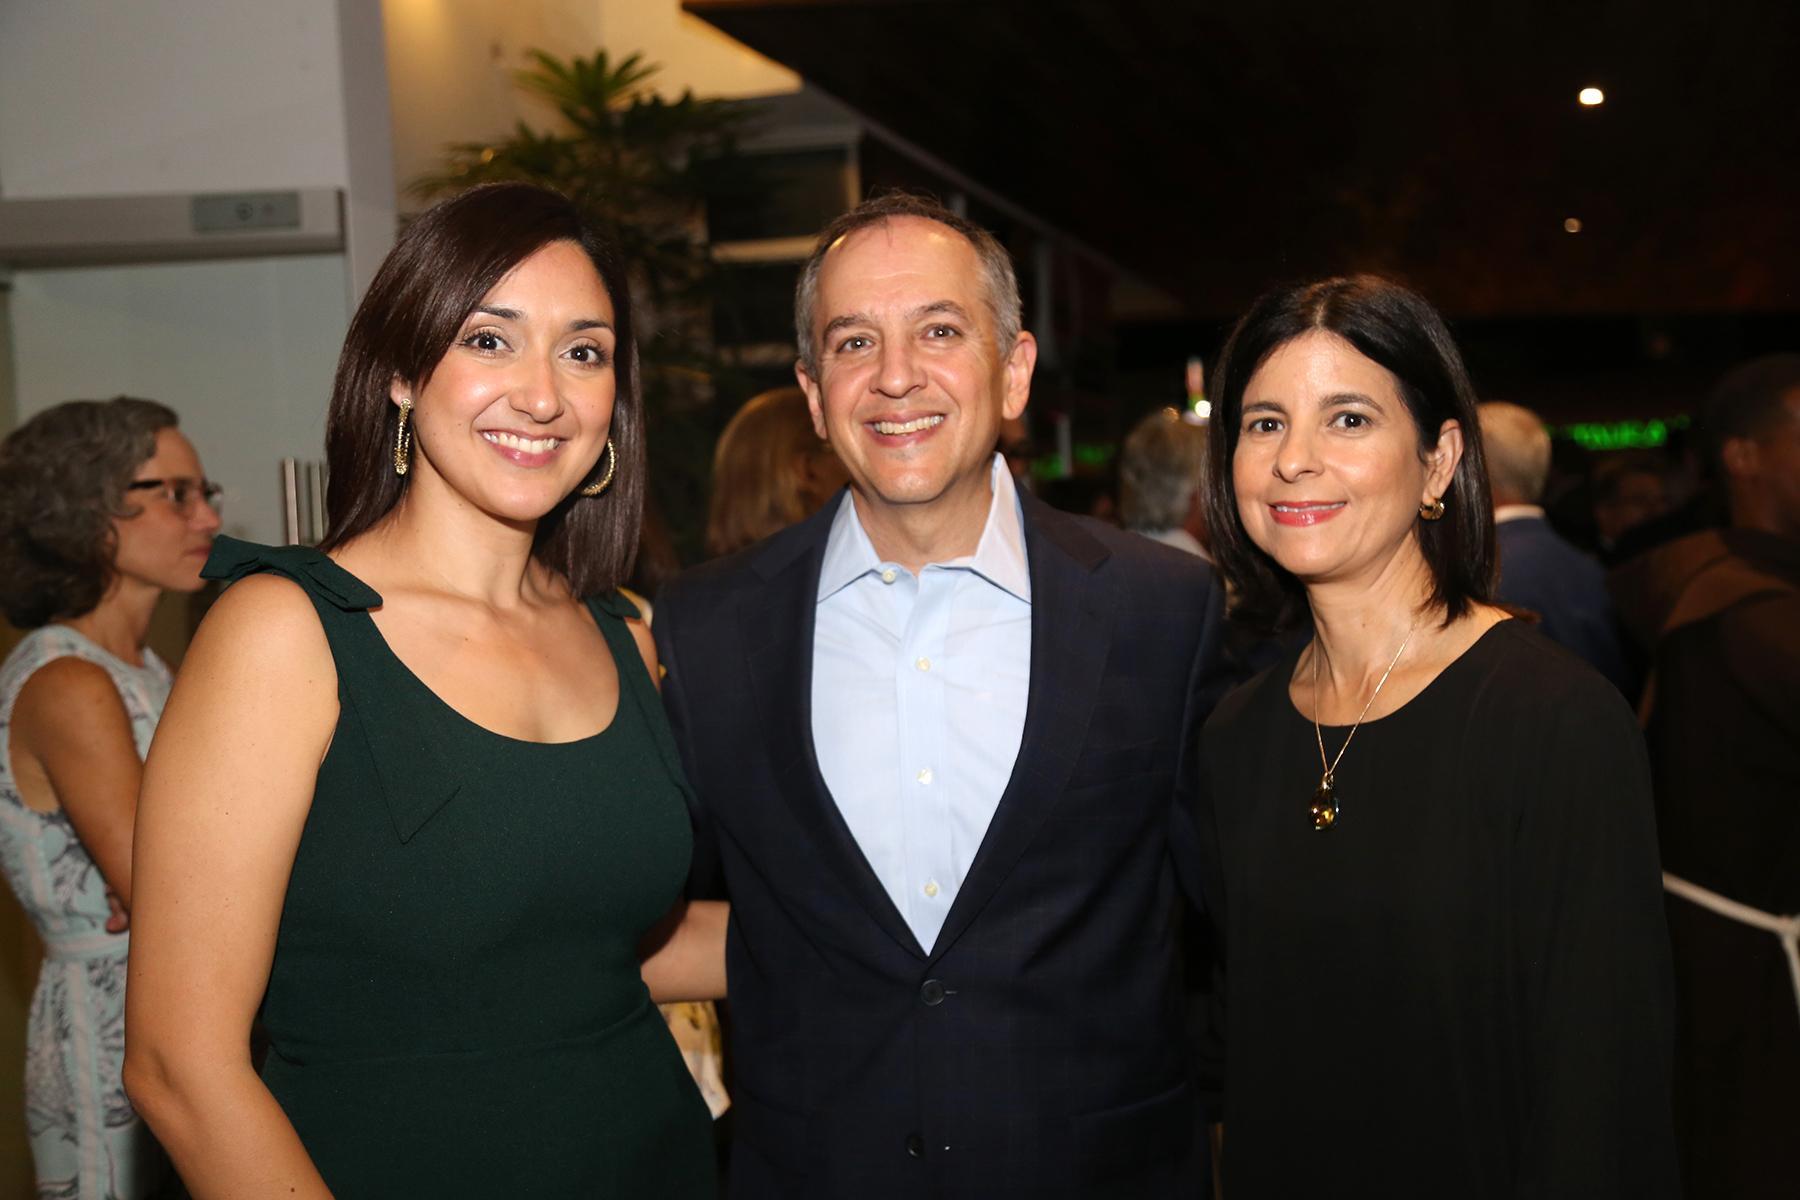 Michelle Rodríguez, Esteban Colón y Olga Bermúdez. (Foto: Nichole Saldarriaga)